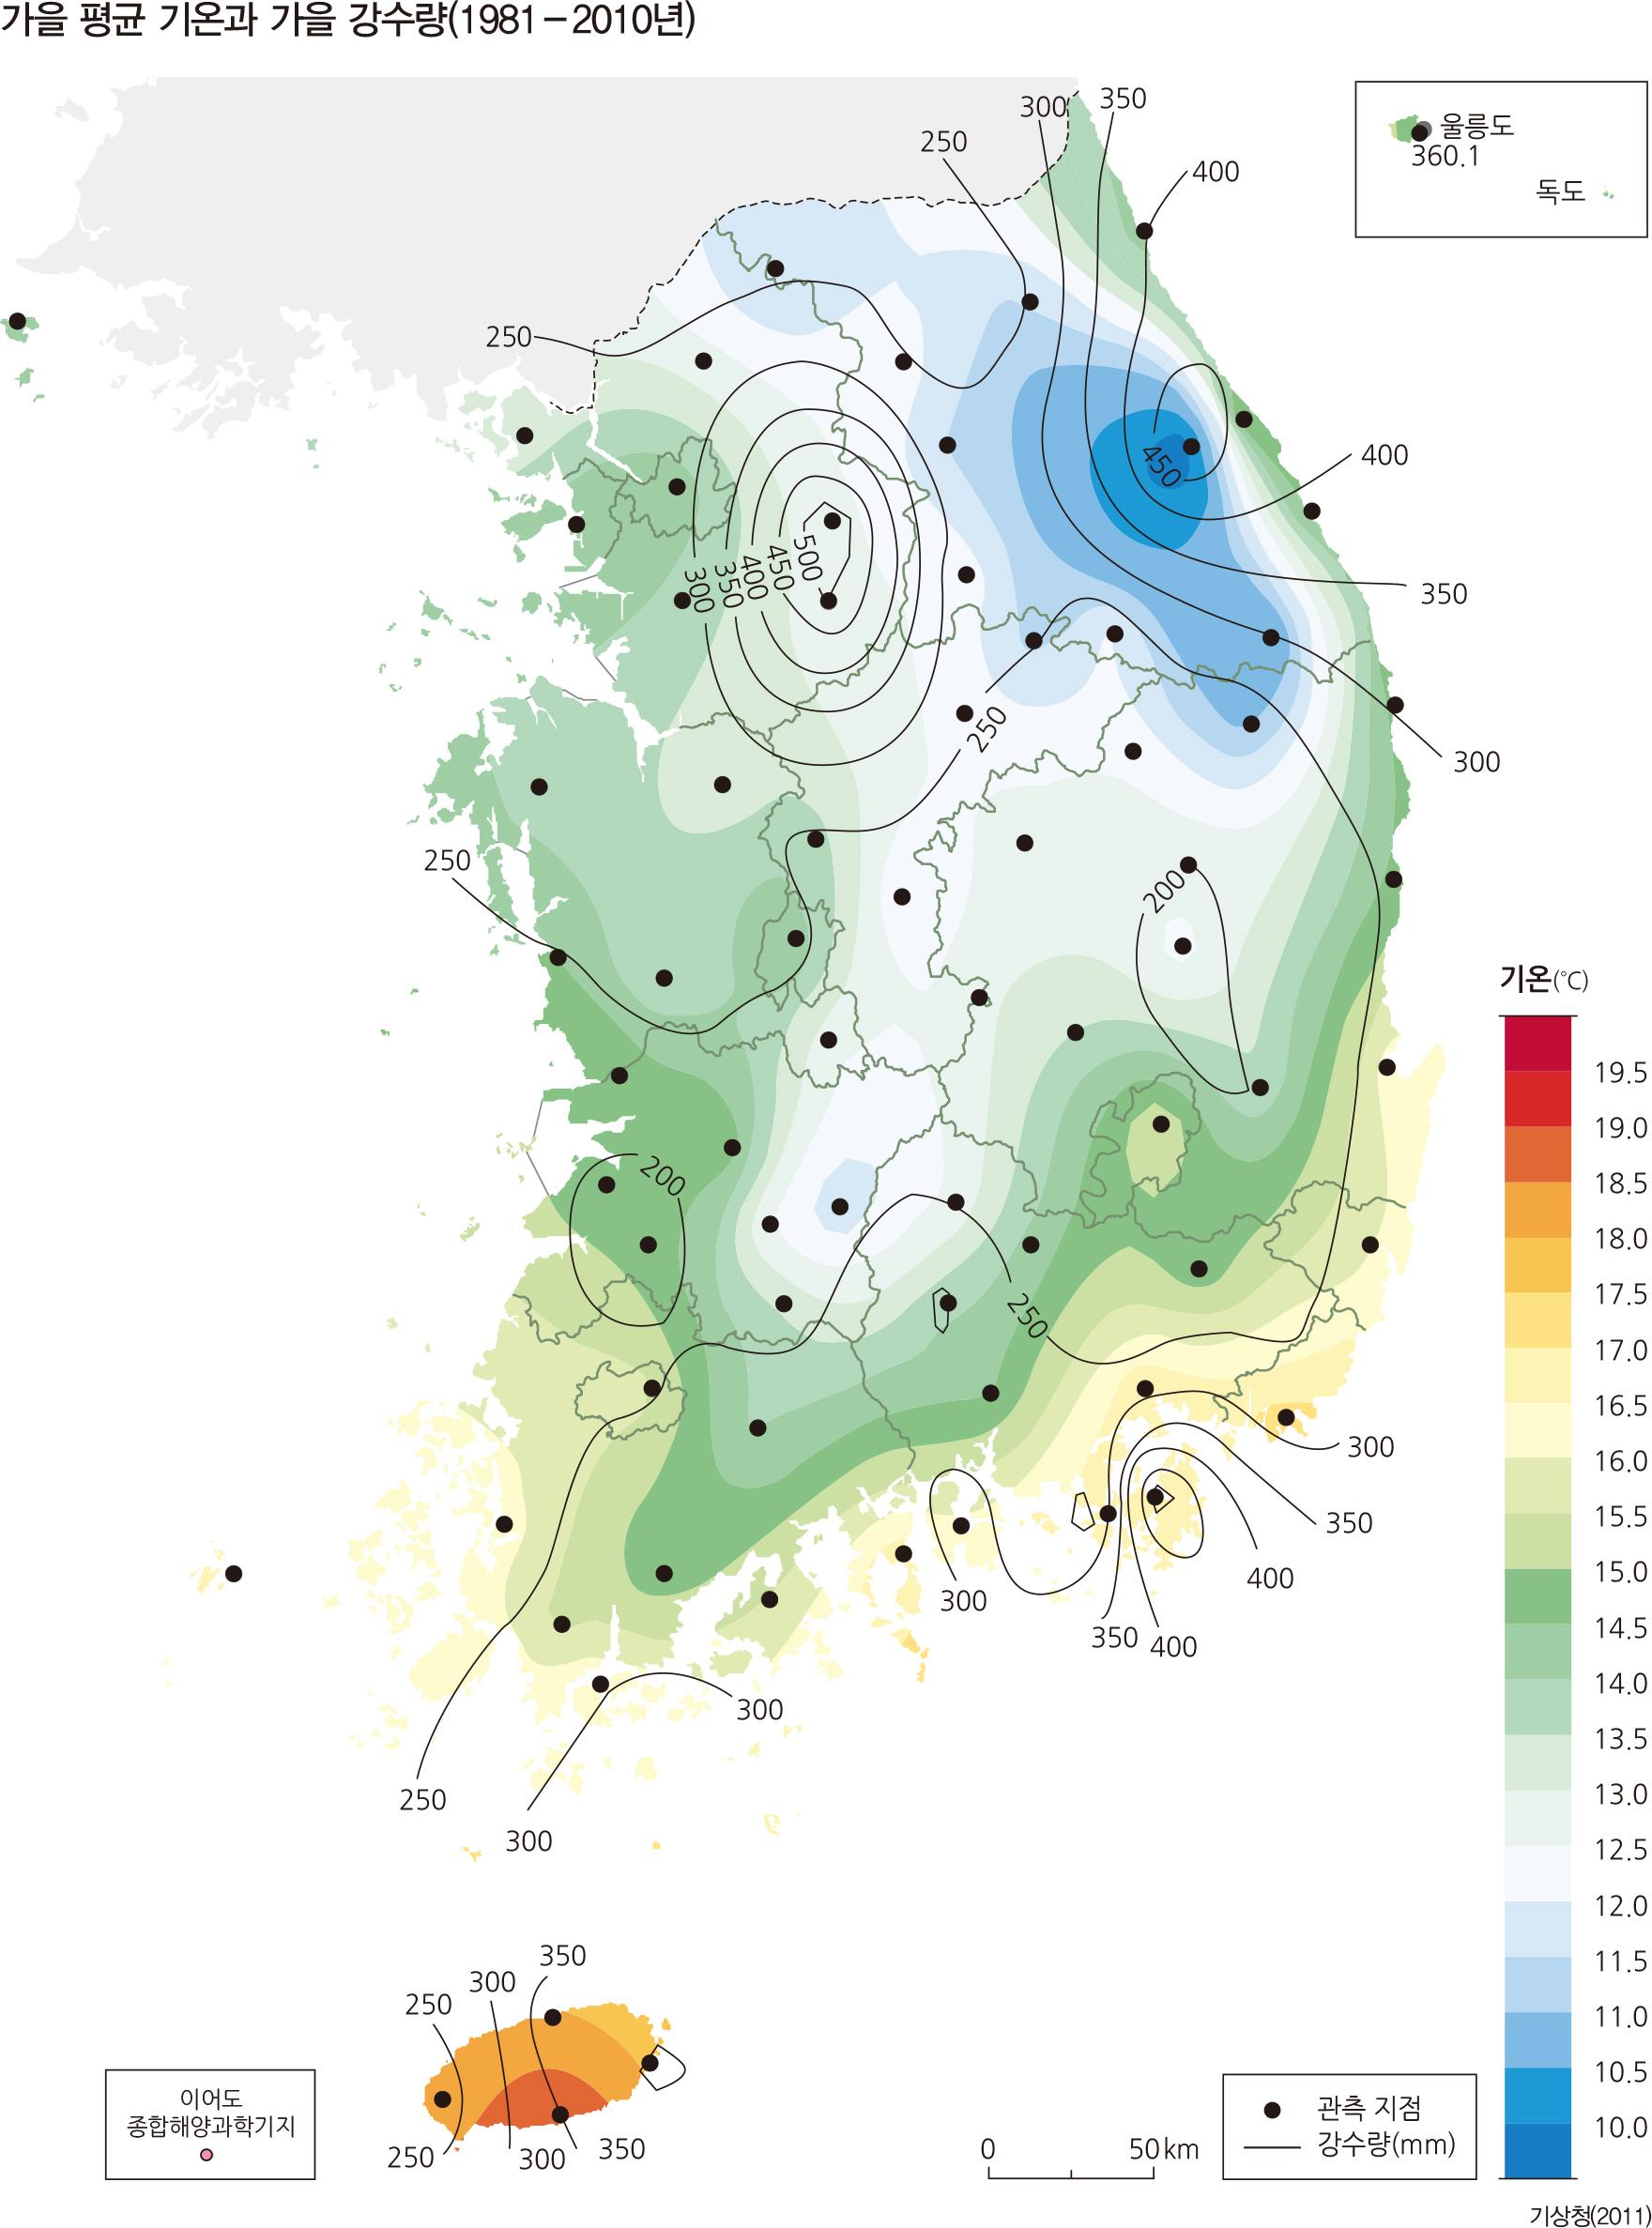 가을 평균 기온과 가을 강수량(1981-2010년)